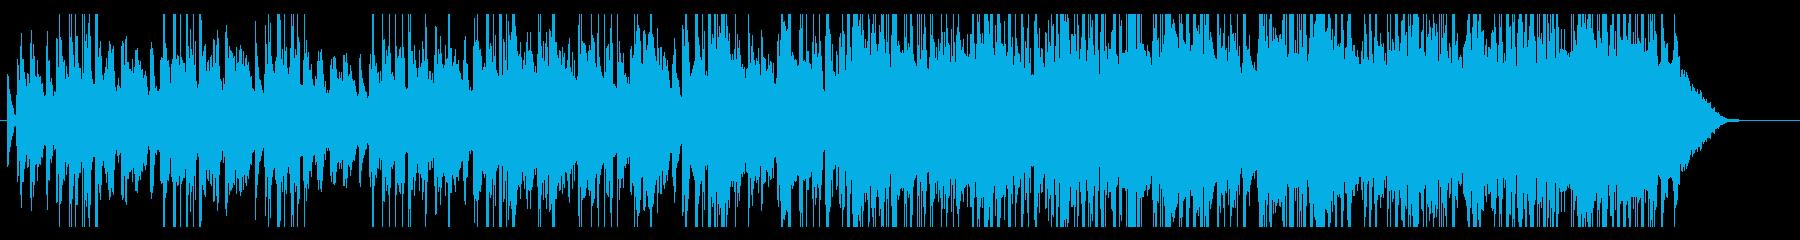 ヘッドライン ニュース ビートなしの再生済みの波形